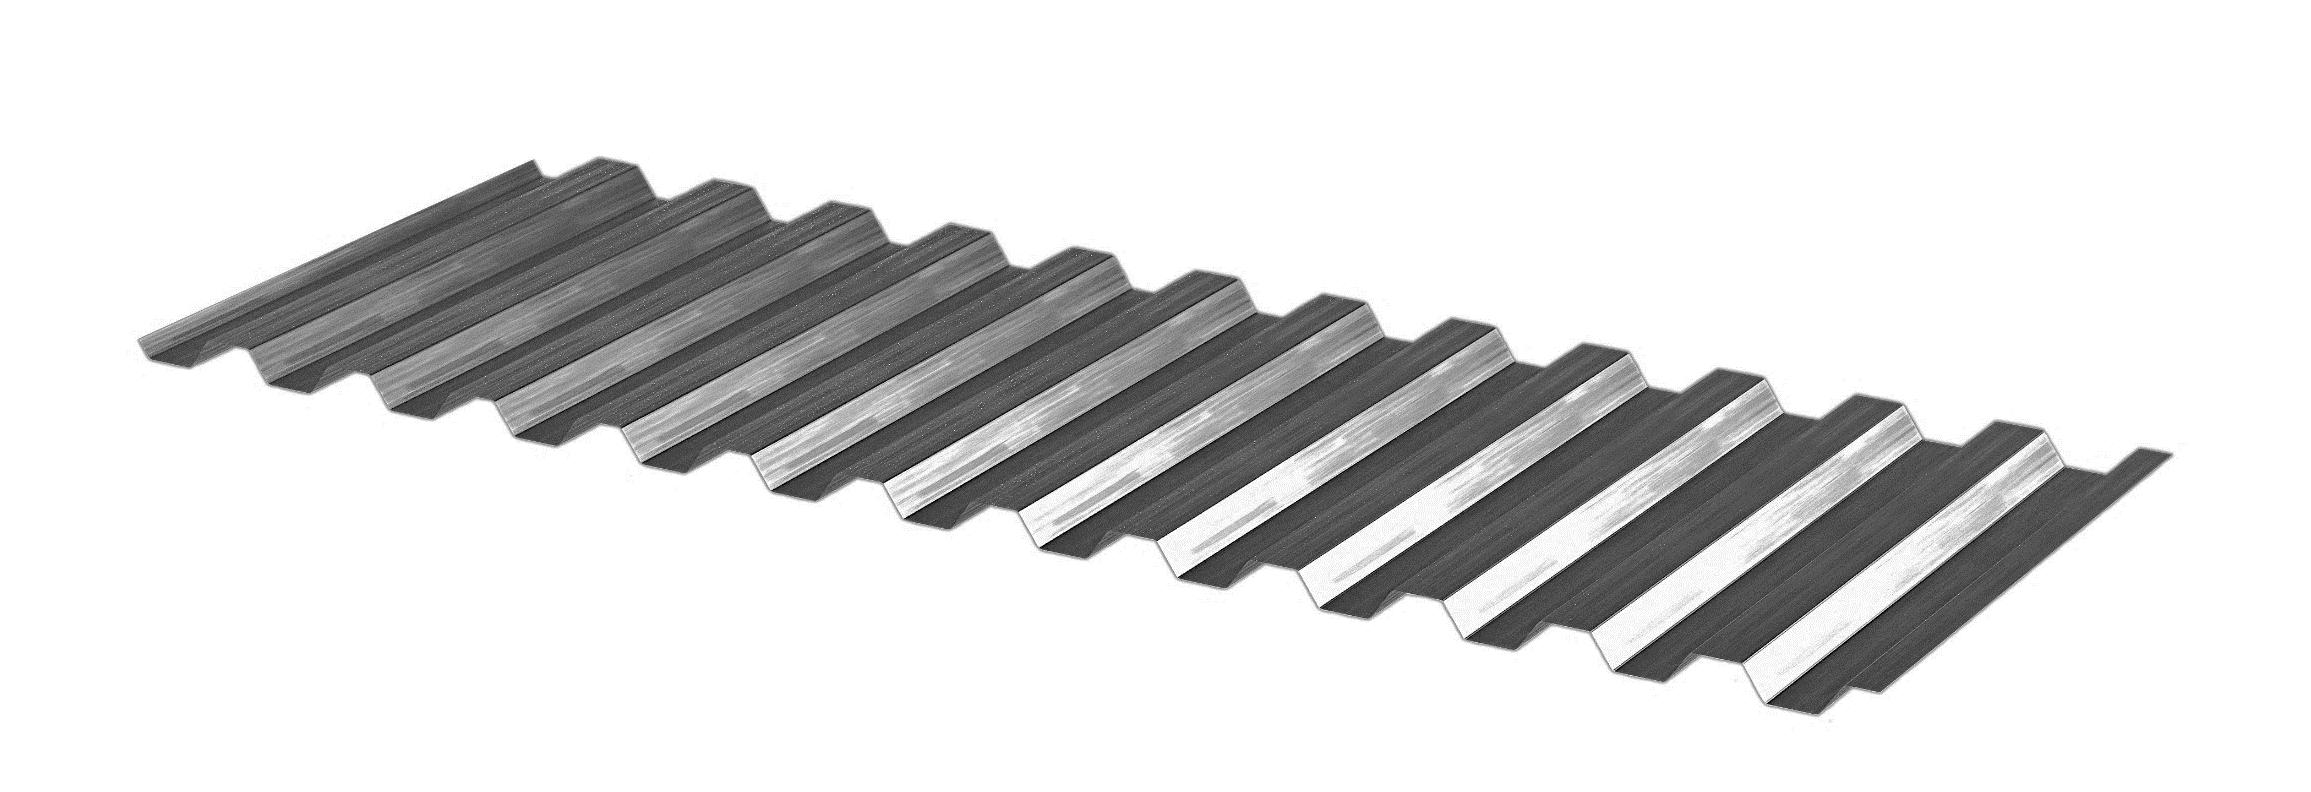 EZ 6 DECK - EZ Metal